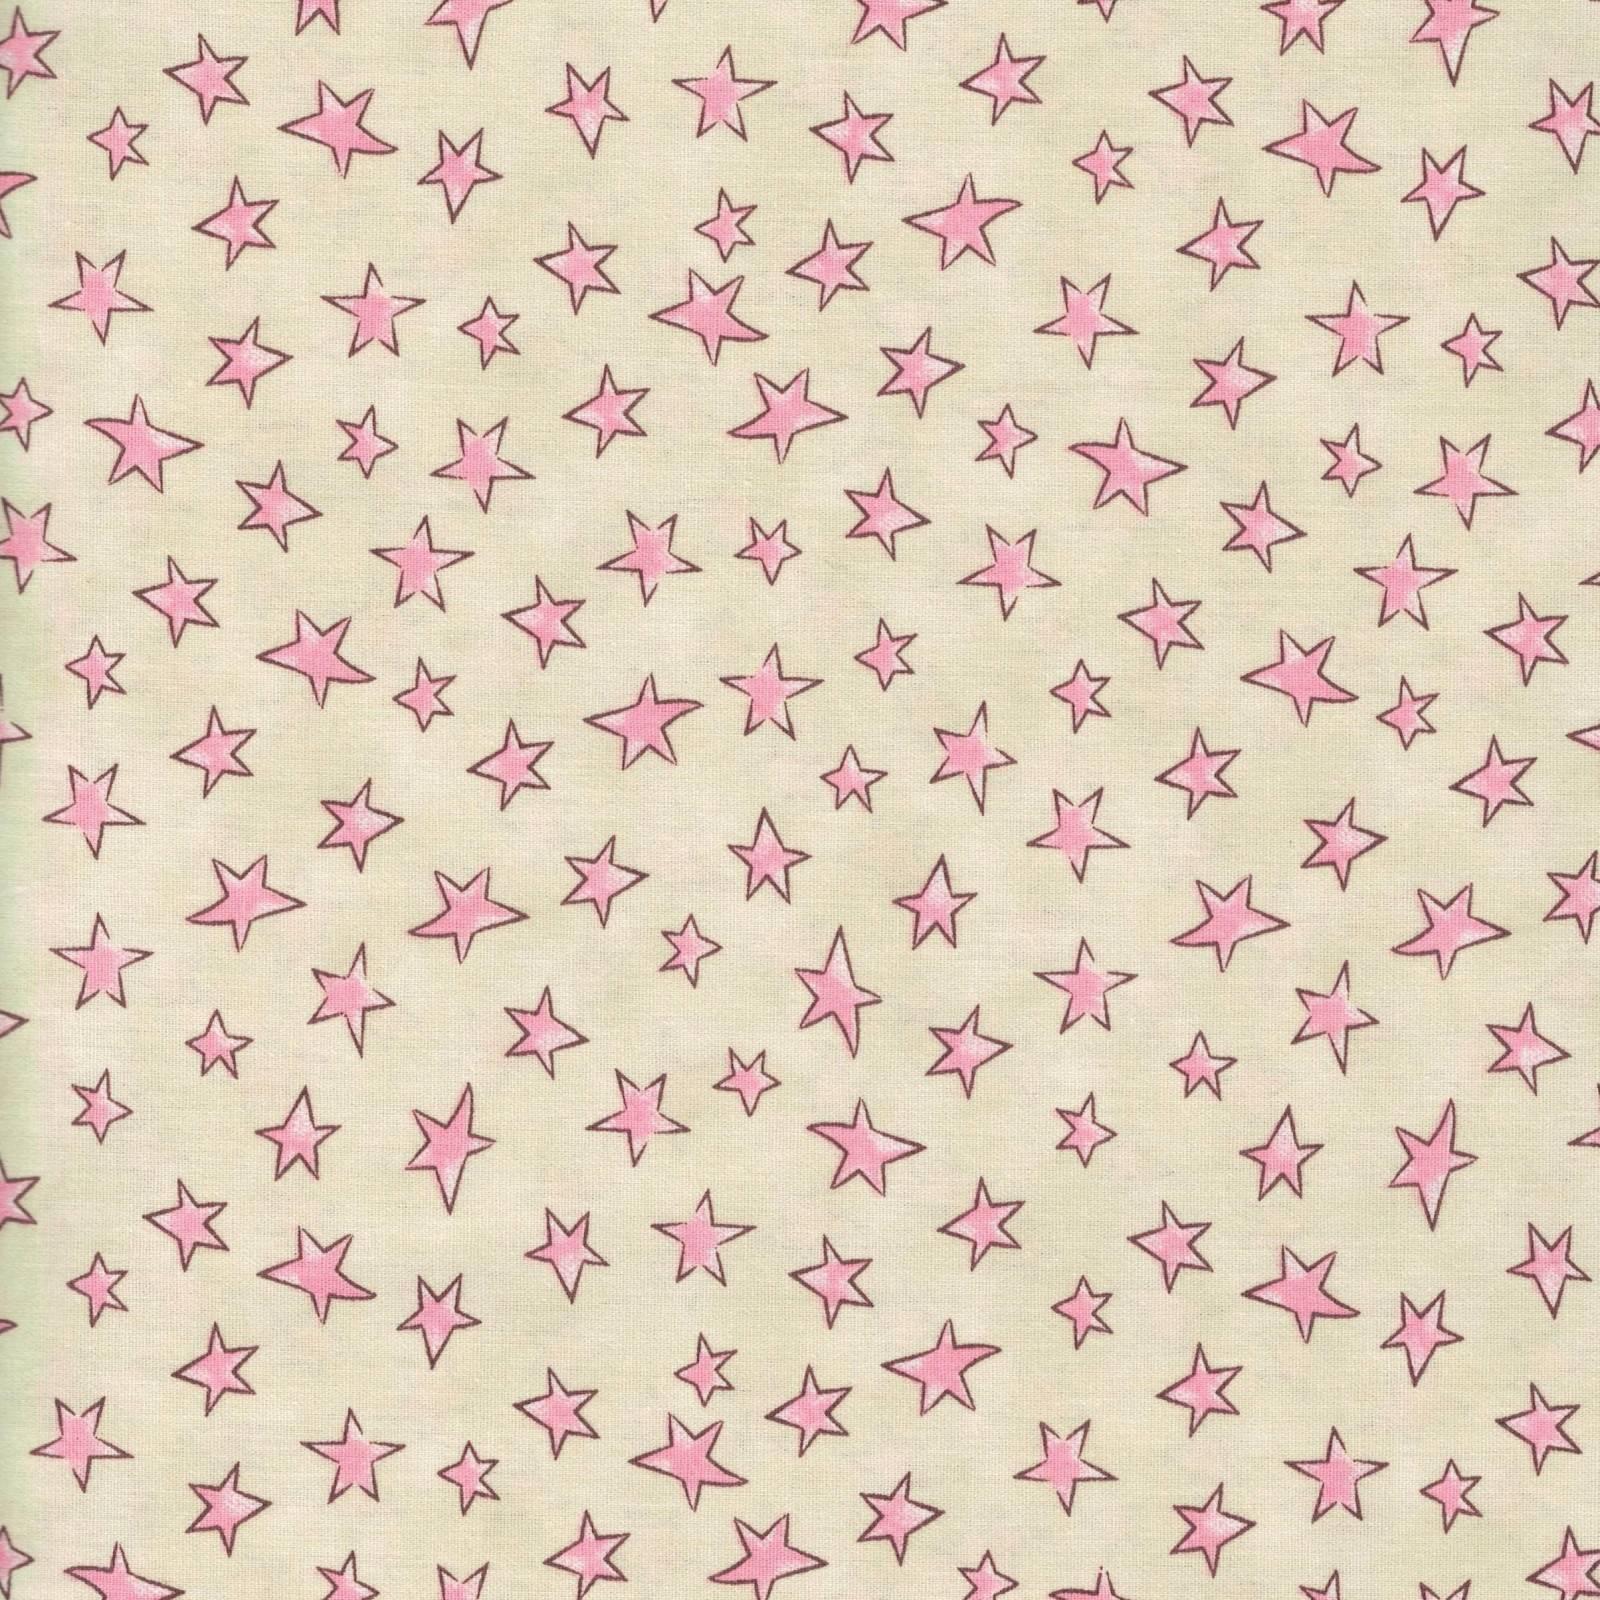 Estrelinhas creme com rosa Ref. 180626 cor 01 - Armarinhos Nodari